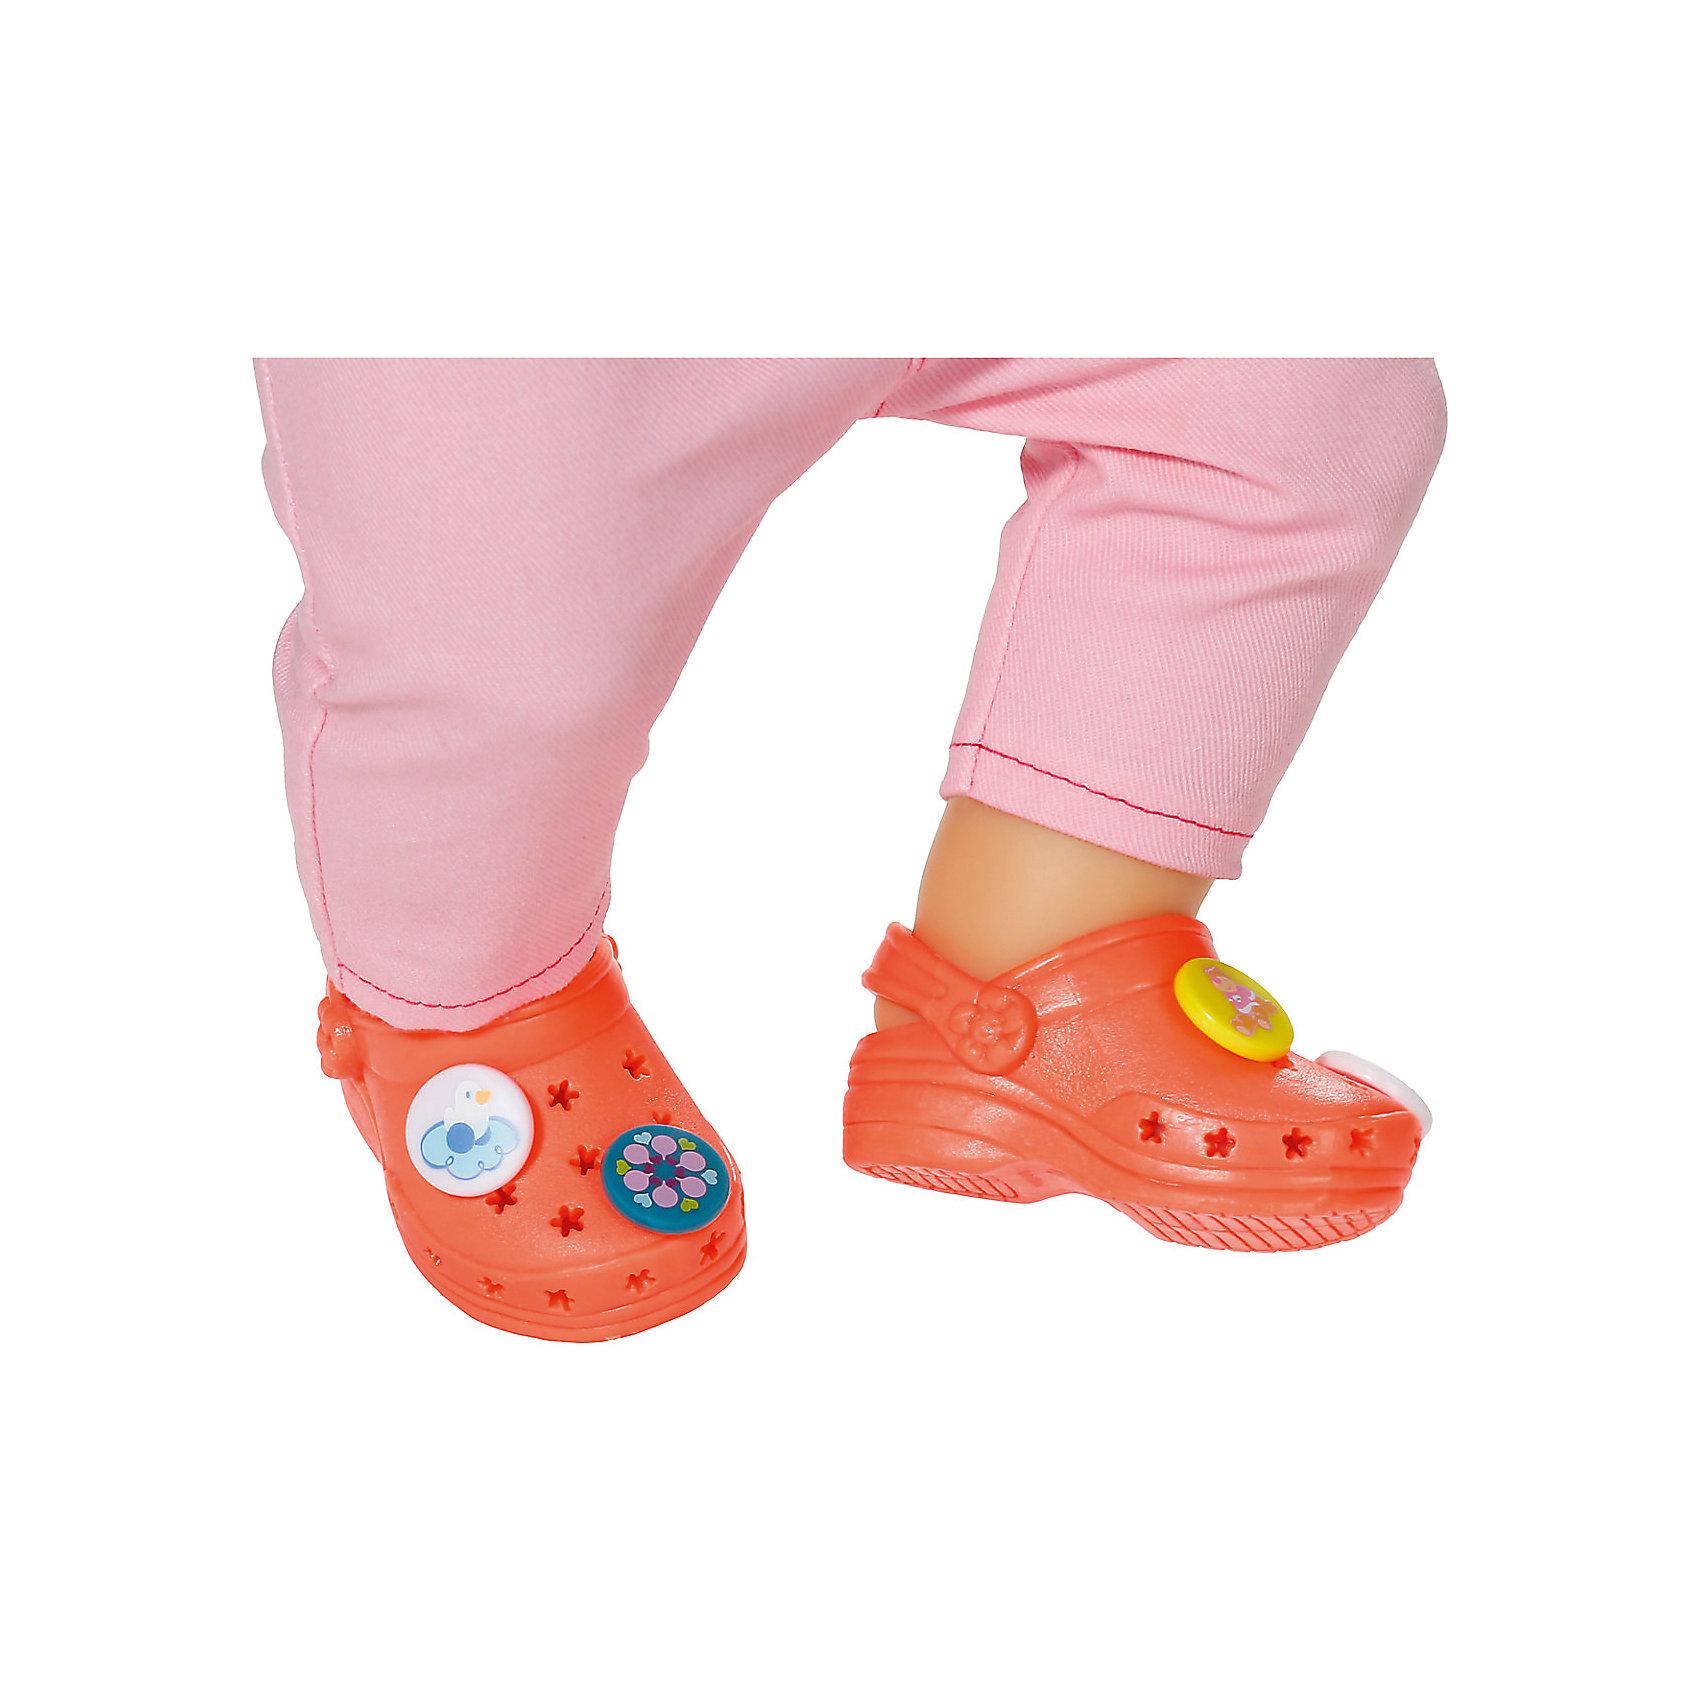 Сандалии фантазийные, оранжевые, BABY bornКукольная одежда и аксессуары<br>Характеристики товара:<br><br>- цвет: оранжевый;<br>- материал: полиуретан;<br>- наличие застежки;<br>- возраст: от трех лет.<br><br>Кукольная обувь – мечта всех девочек, обожающих играть в дочки-матери! Куклы Бэби Борн – абсолютные фавориты среди детских игрушек. Одно из преимуществ моделей – возможность переодевать куклу на свое усмотрение. Фантазийные сандали – интересный и необычный аксессуар, который представлен в новой коллекции одежды для куклы Бэби борн. Сандали можно украшать забавными элементами, закрепляя их в специальных дырочках. Материалы, использованные при изготовлении изделия, абсолютно безопасны и полностью отвечают международным требованиям по качеству детских товаров.<br><br>Сандали фантазийные, оранжевые, BABY born можно купить в нашем интернет-магазине.<br><br>Ширина мм: 178<br>Глубина мм: 129<br>Высота мм: 40<br>Вес г: 84<br>Возраст от месяцев: 36<br>Возраст до месяцев: 2147483647<br>Пол: Женский<br>Возраст: Детский<br>SKU: 5094035